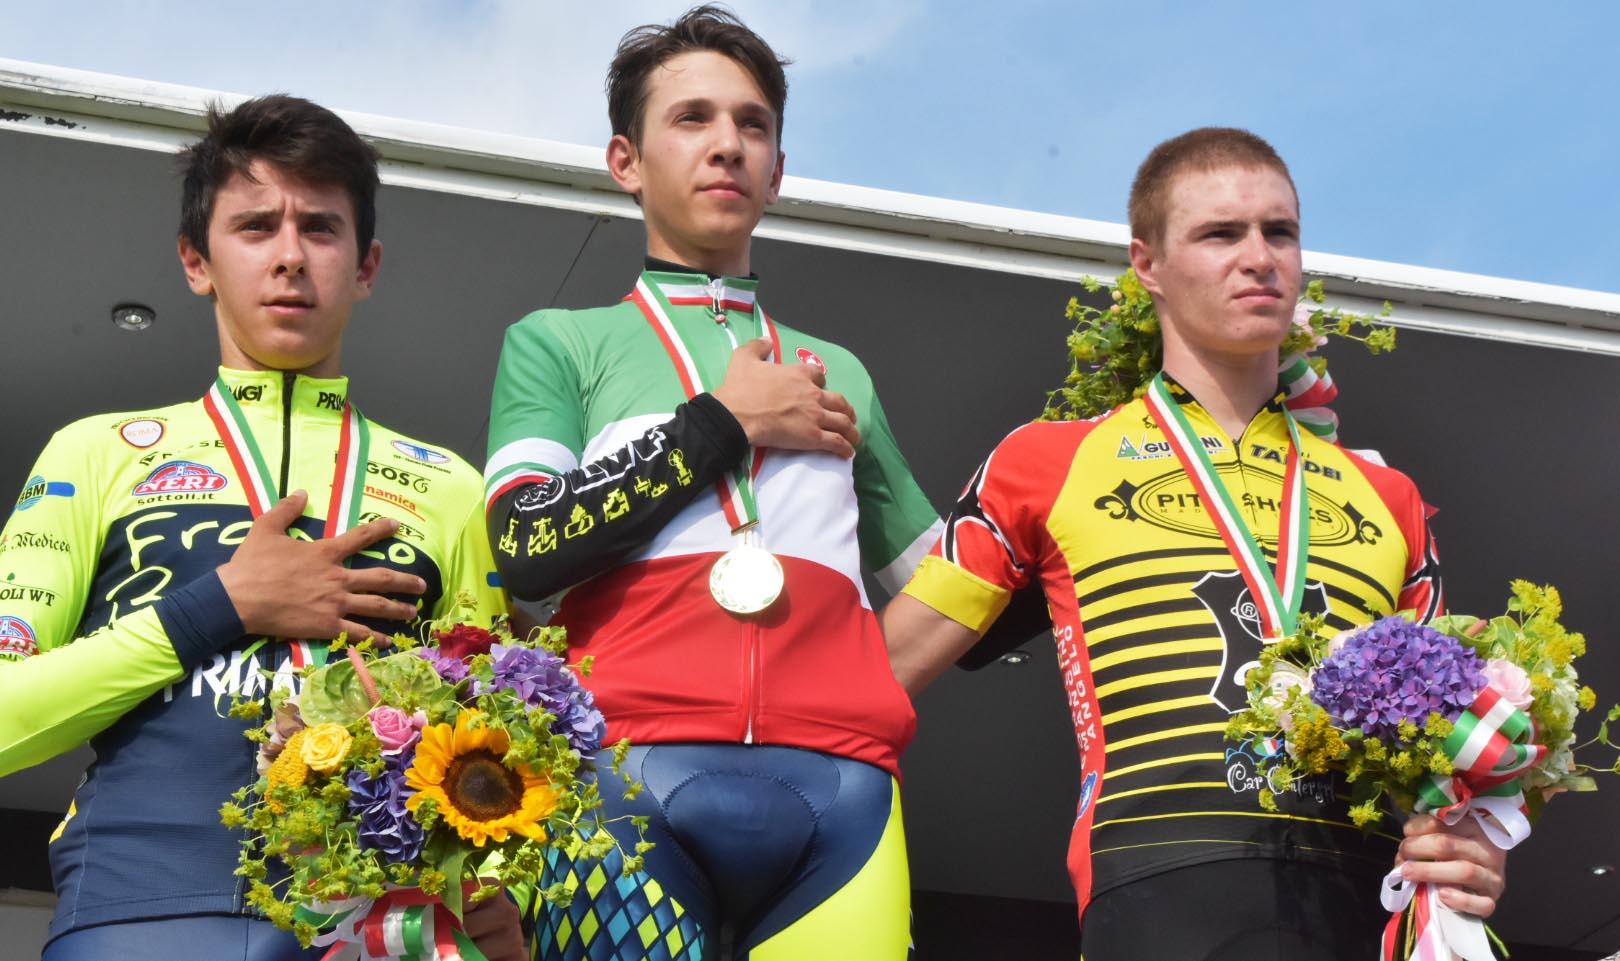 Il podio del Campionato Italiano a cronometro Juniores 2018 vinto da Andrea Piccolo